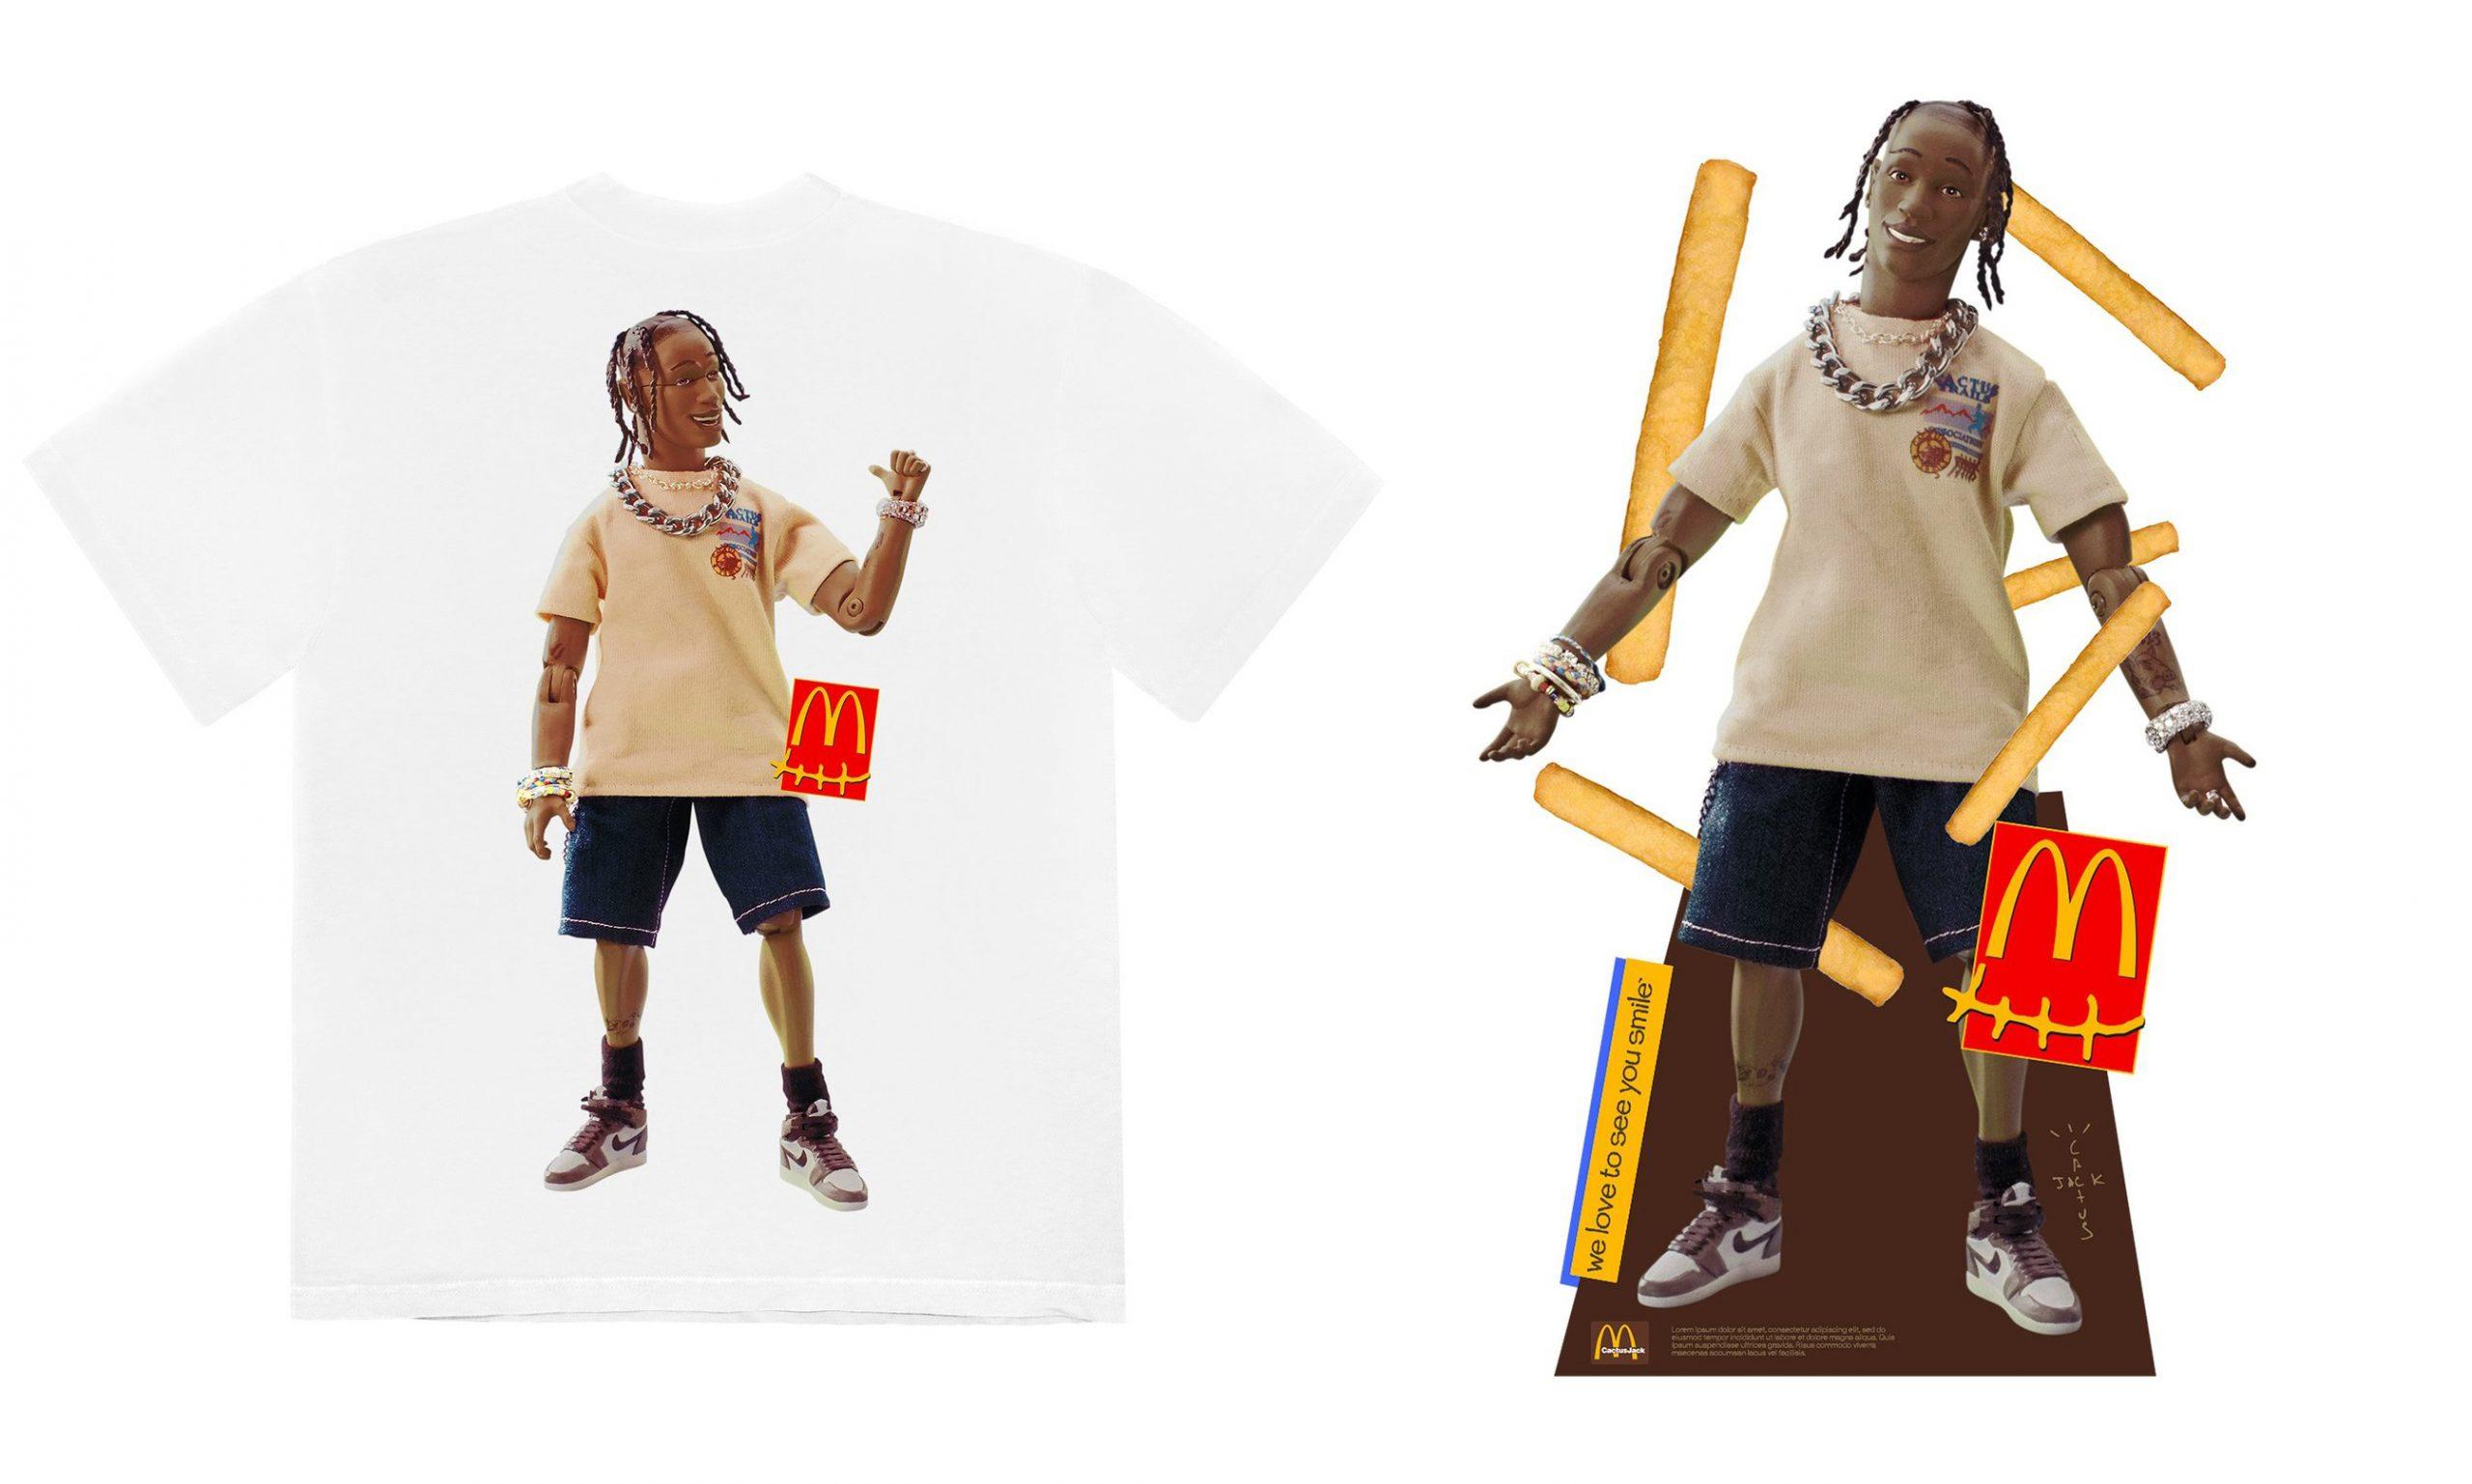 丰富超乎想象,McDonald's x Travis Scott 联名周边正式开售